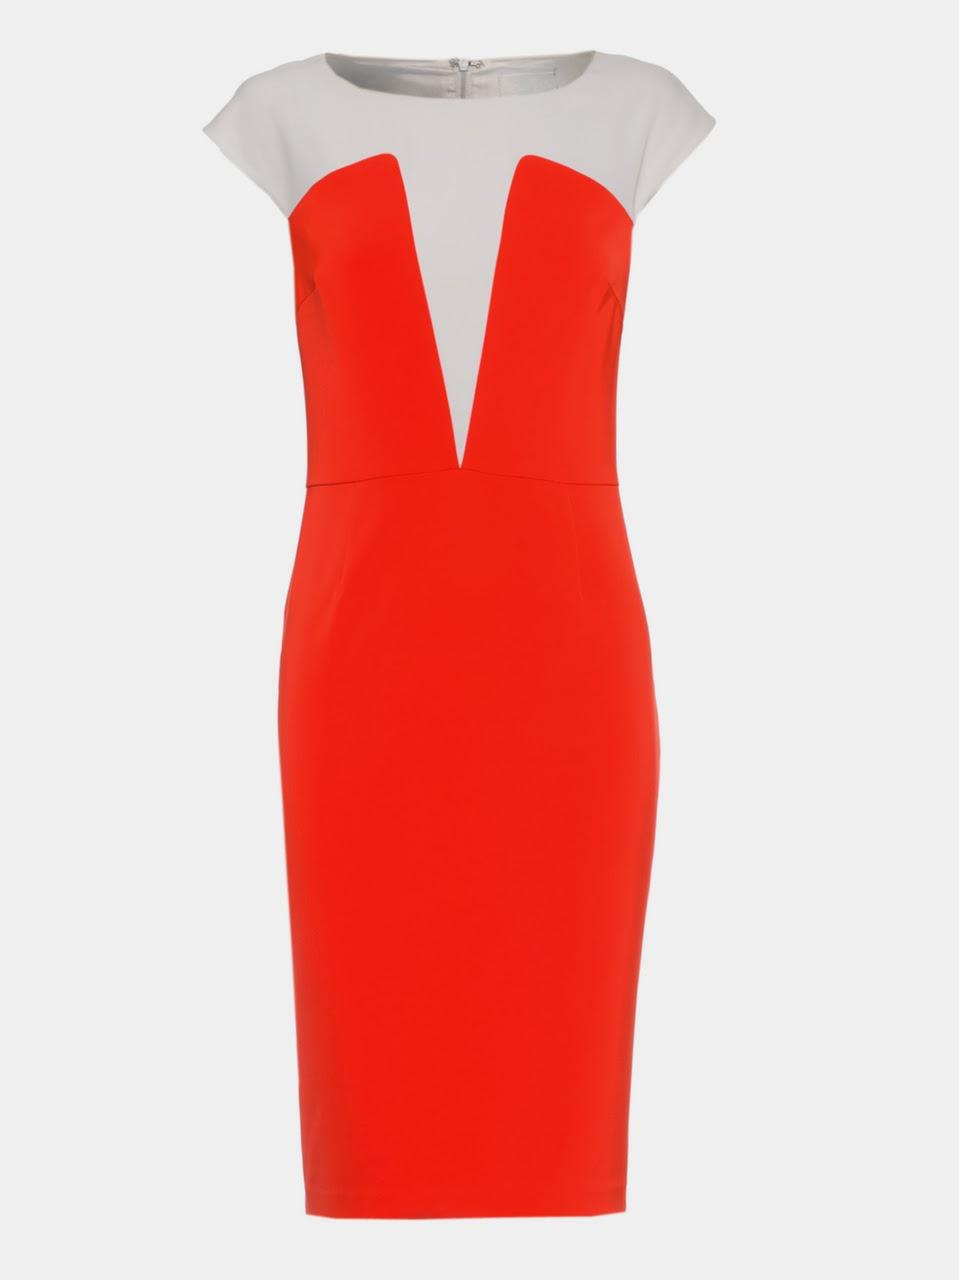 Sonia kruger concealed plunge dress